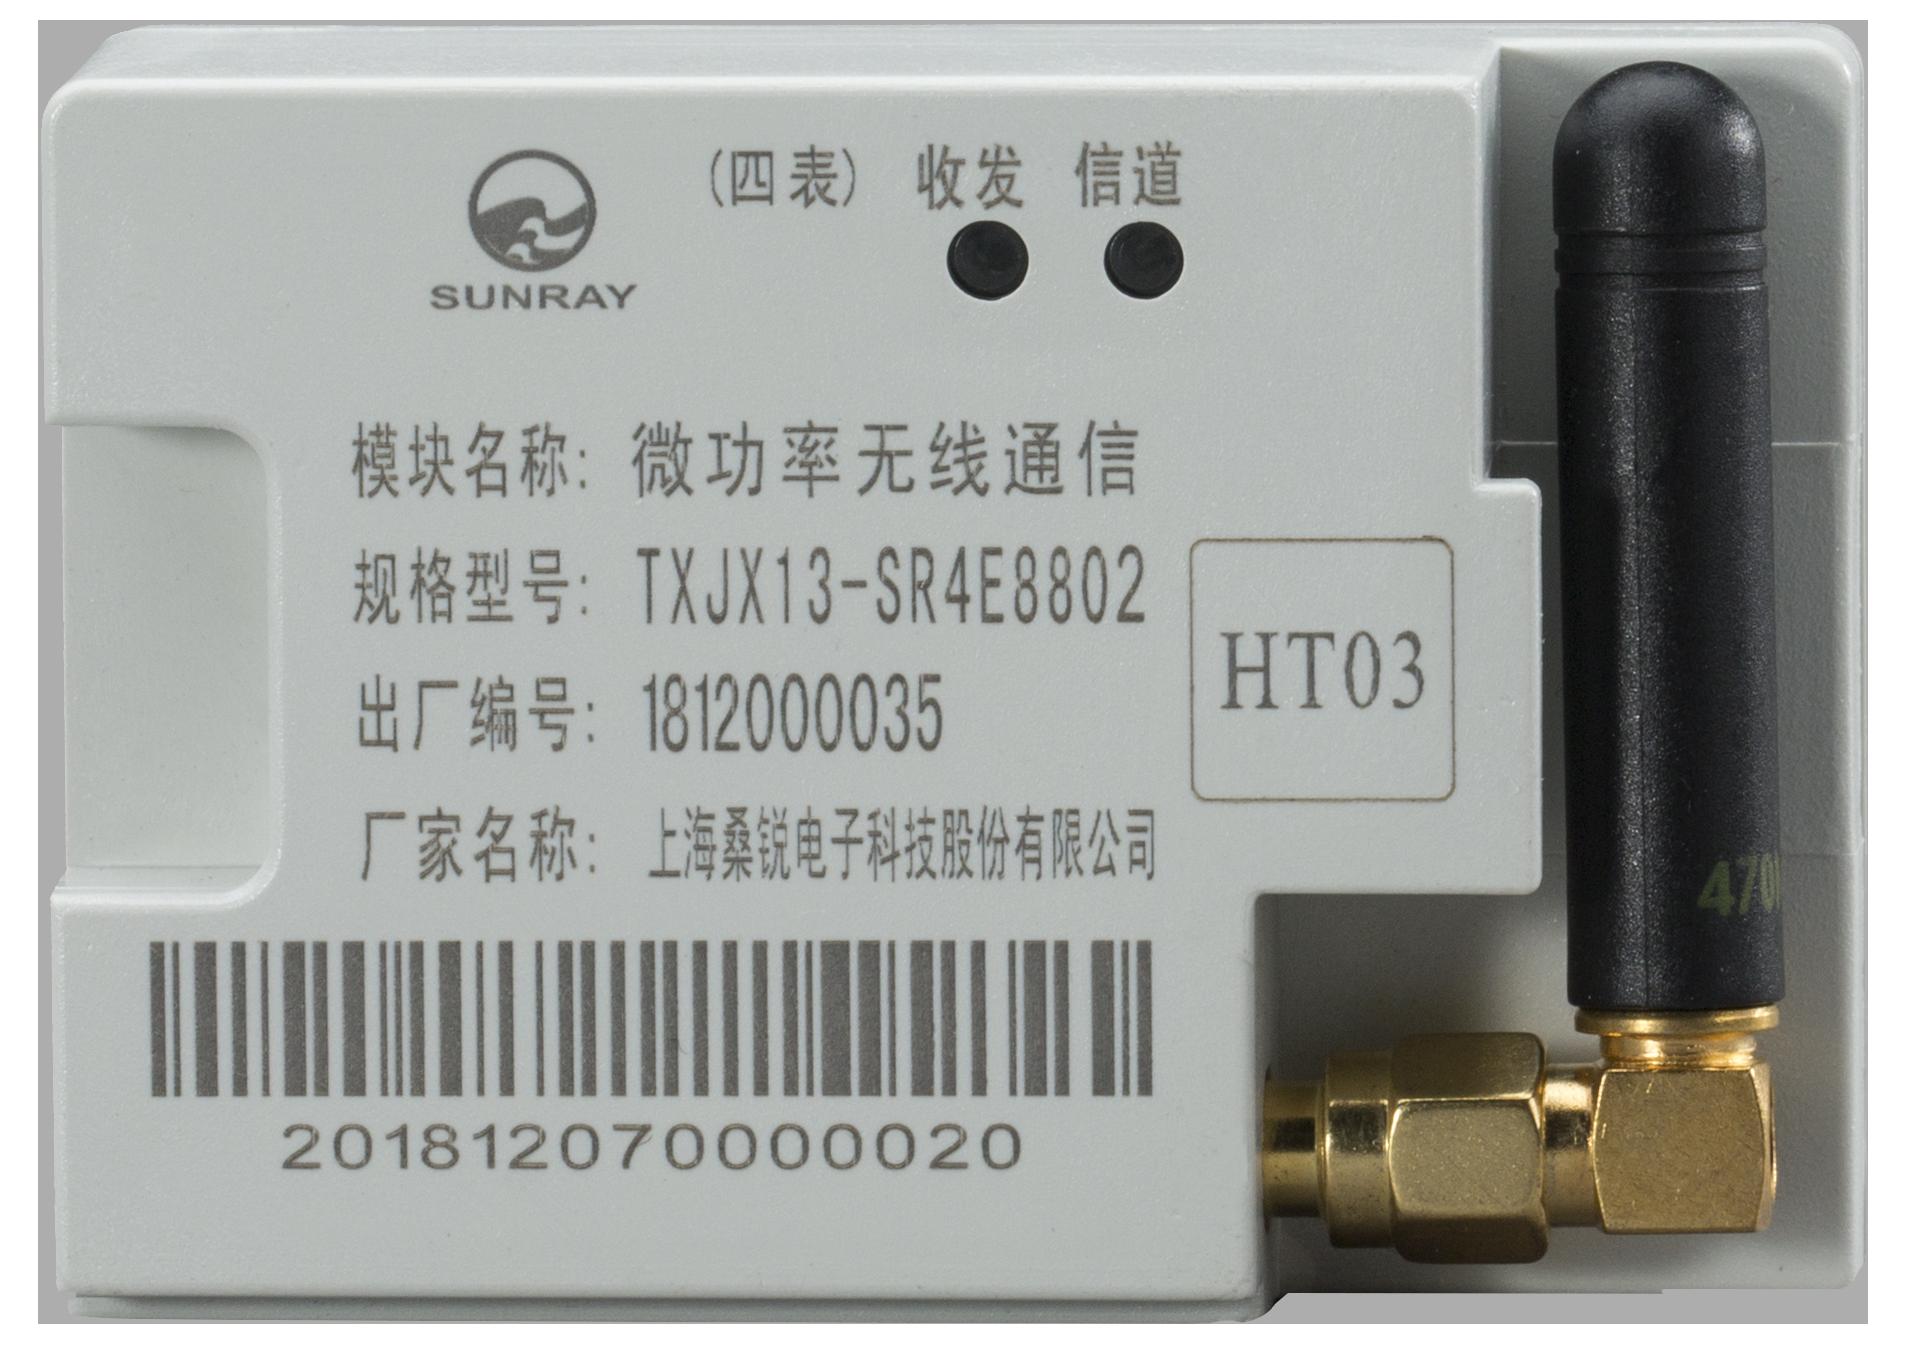 產品摳圖-1.行業應用模組-TXJX13-SR4E8802-1